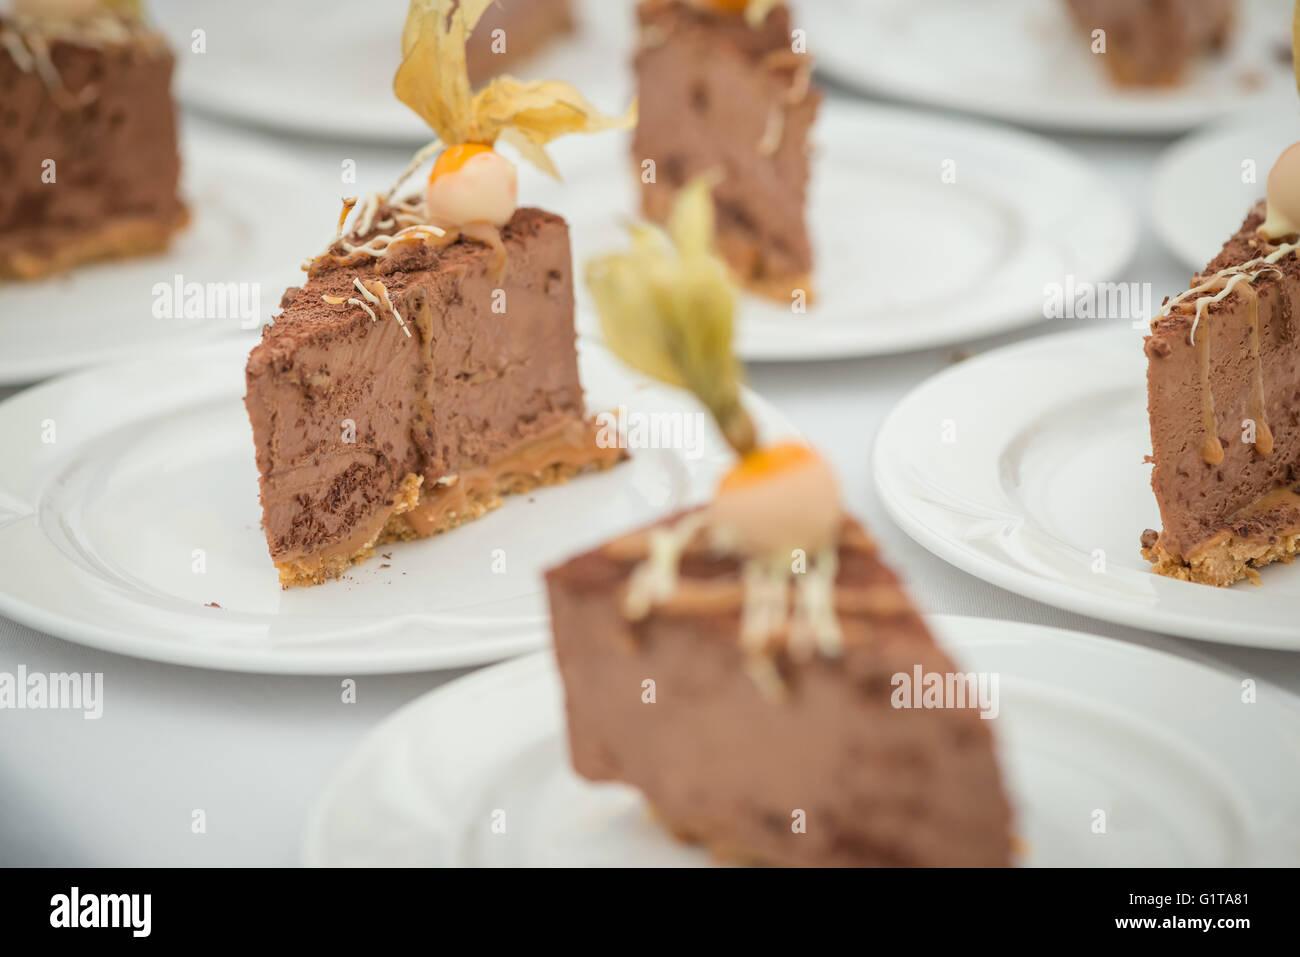 Eine Sammlung von Küchenchef zubereitet Schokoladendesserts, platziert auf einem Tisch, Landschaft-Format-Seitenverhältnis. Stockbild